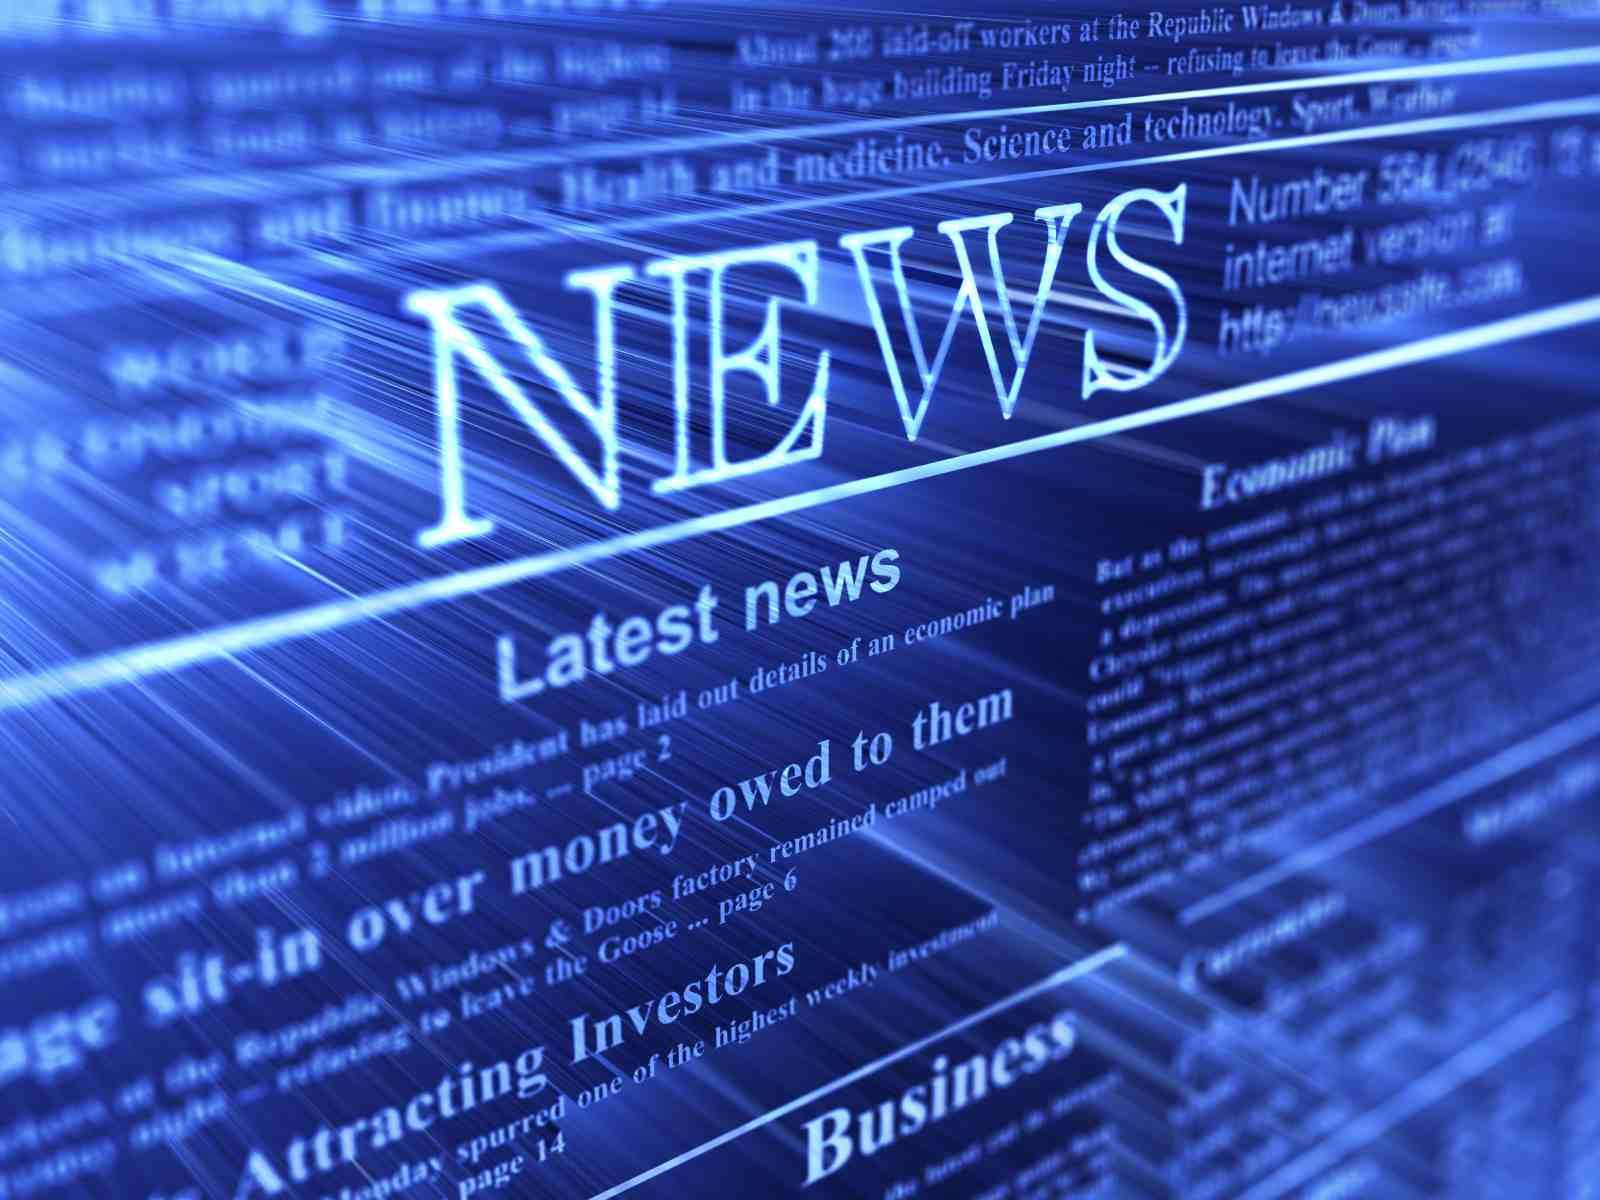 http://2.bp.blogspot.com/_ibM7mQx7kNY/TTSigrzM3LI/AAAAAAAAAZ0/-HrK1pQC8p0/s1600/News.jpg